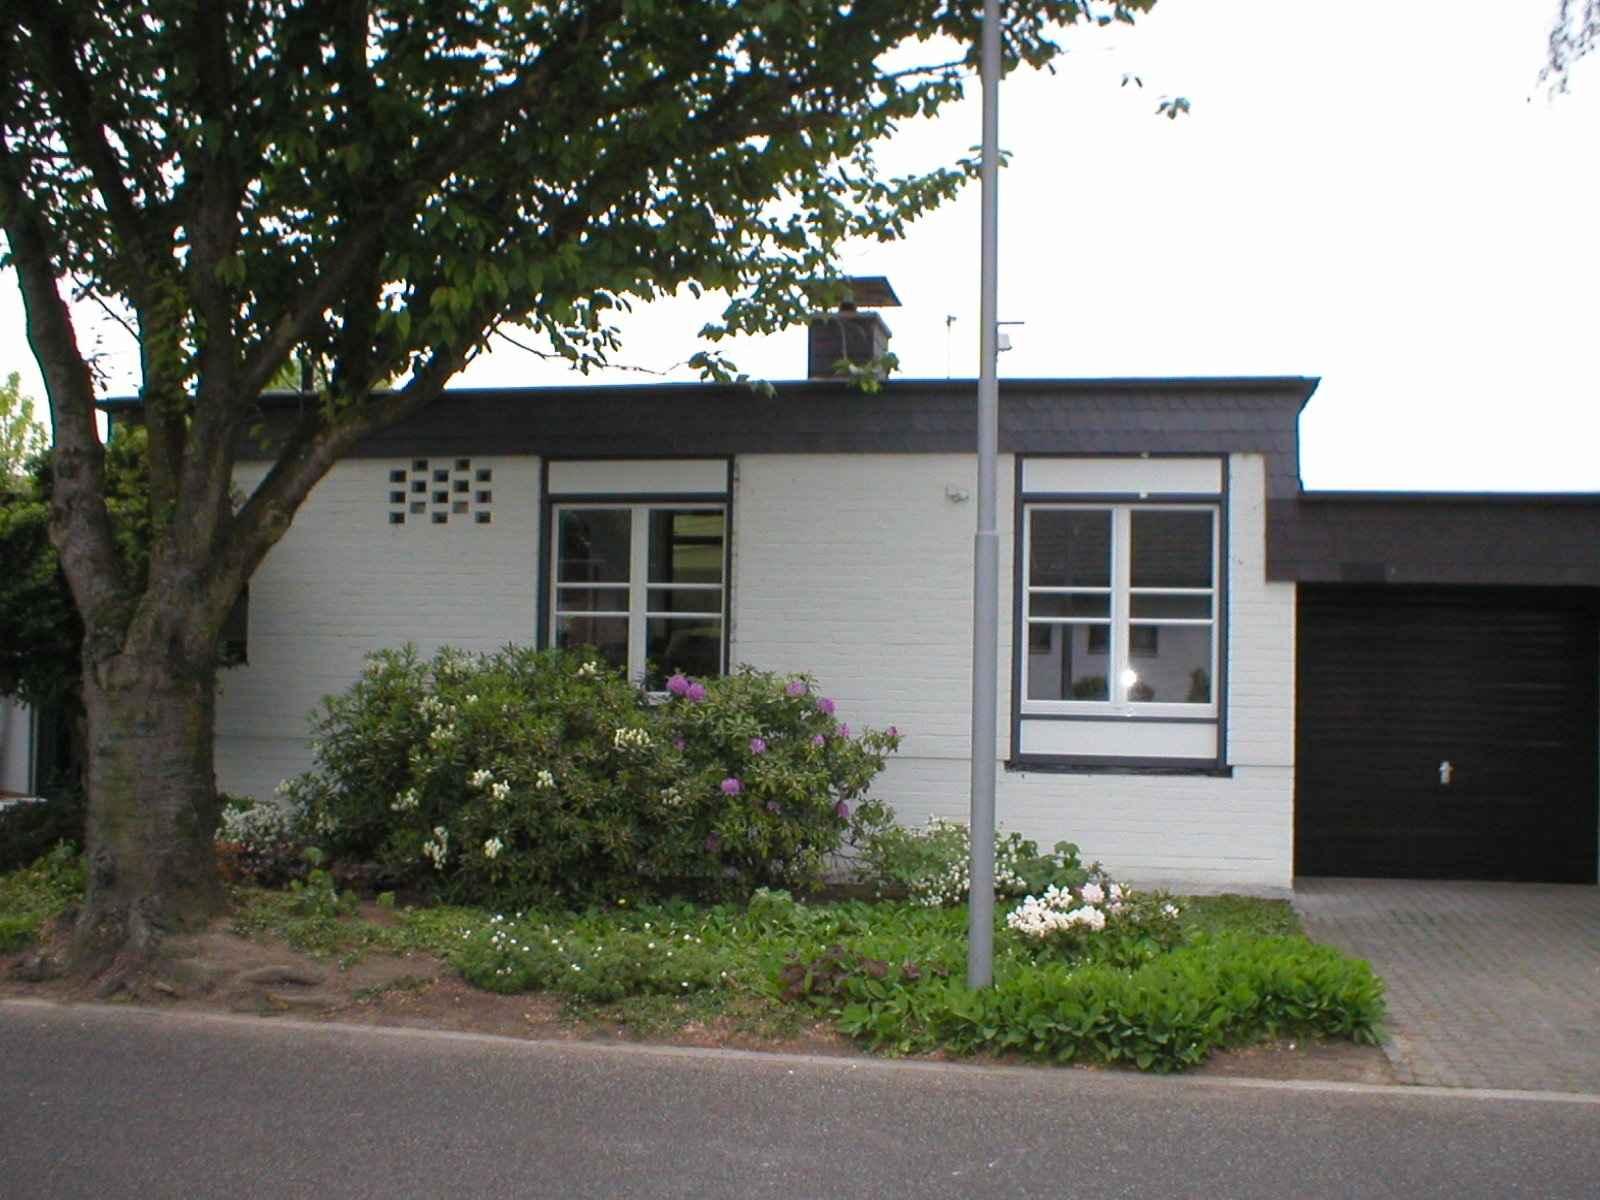 Holzfenster modern  NRW - Holzfensterhersteller - Holzfensterbau Bergers